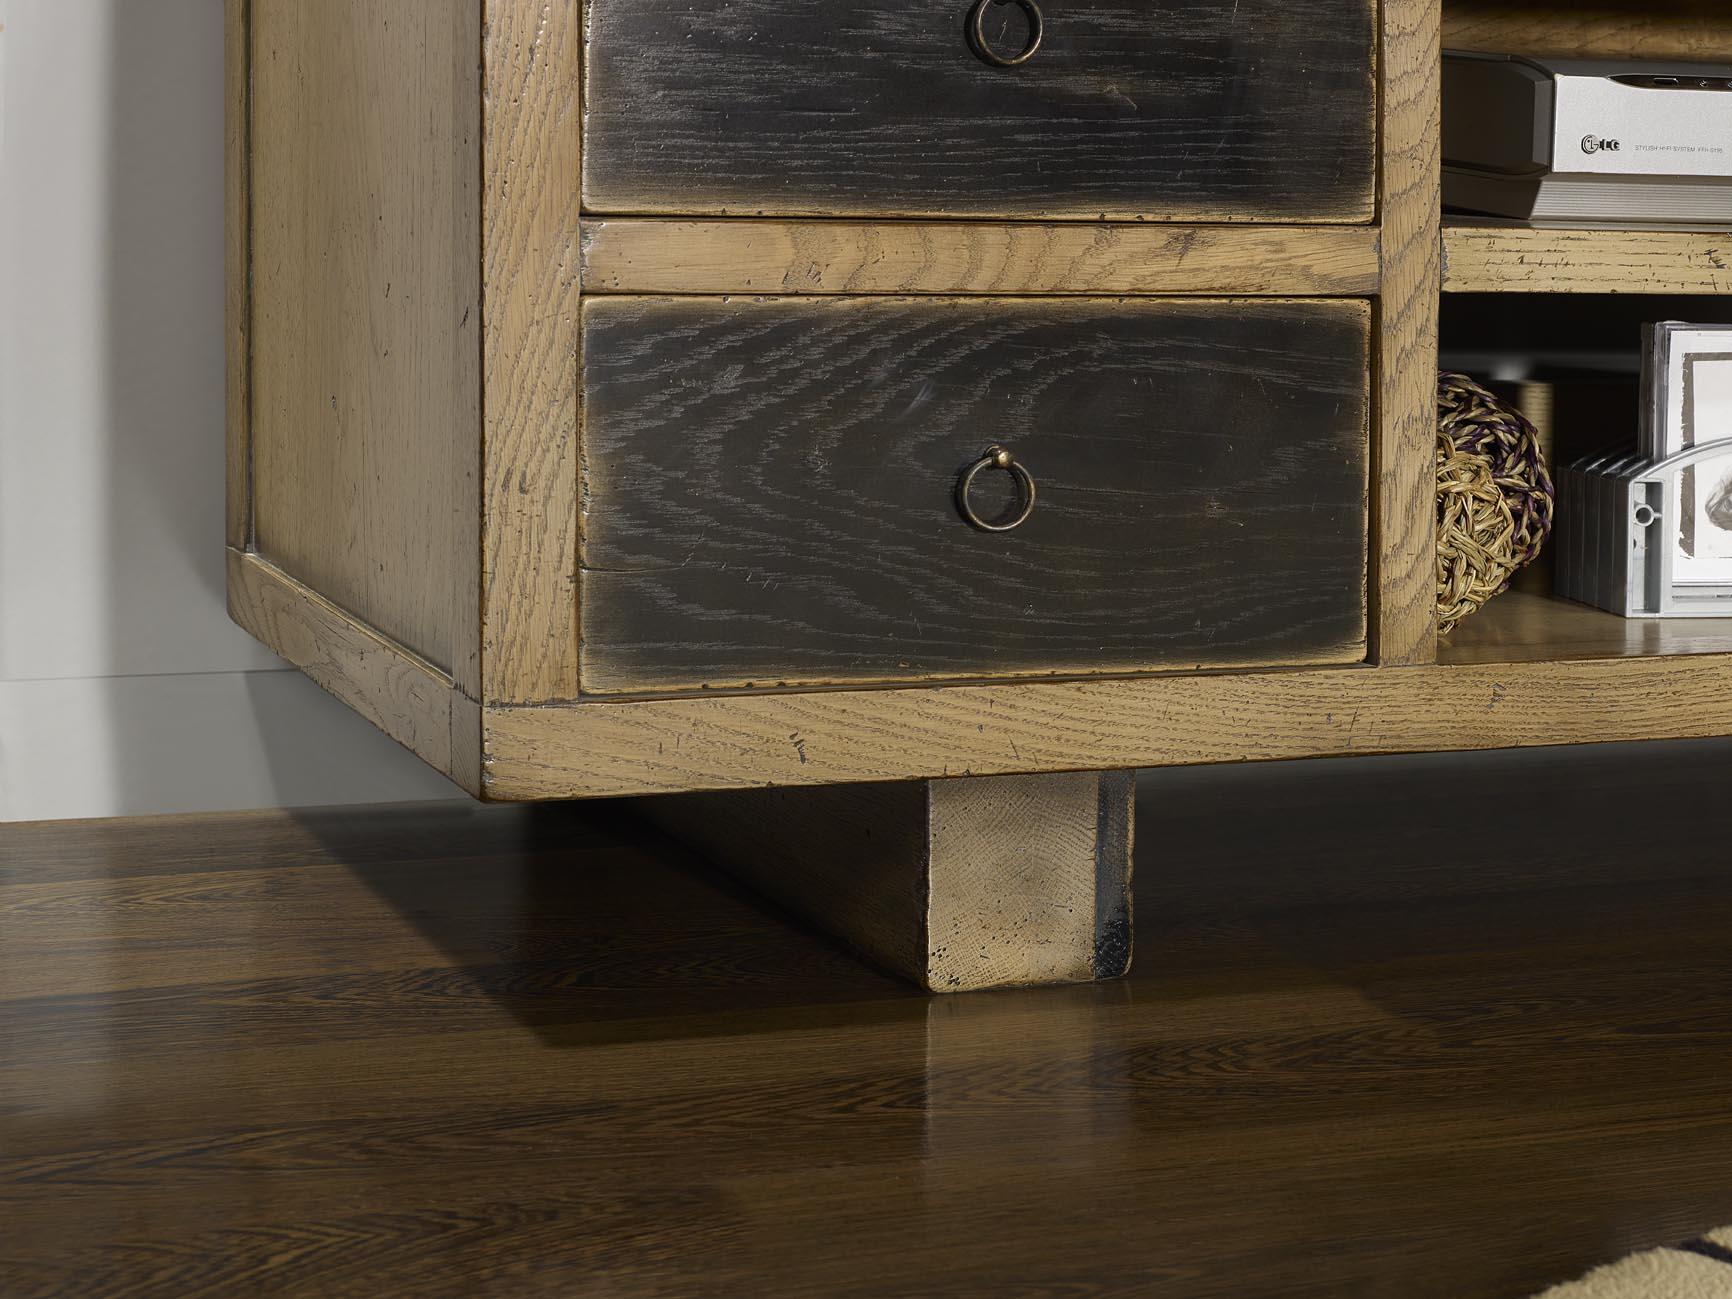 meuble tv vintage 4 tiroirs en ch ne massif de style contemporain meuble en ch ne. Black Bedroom Furniture Sets. Home Design Ideas